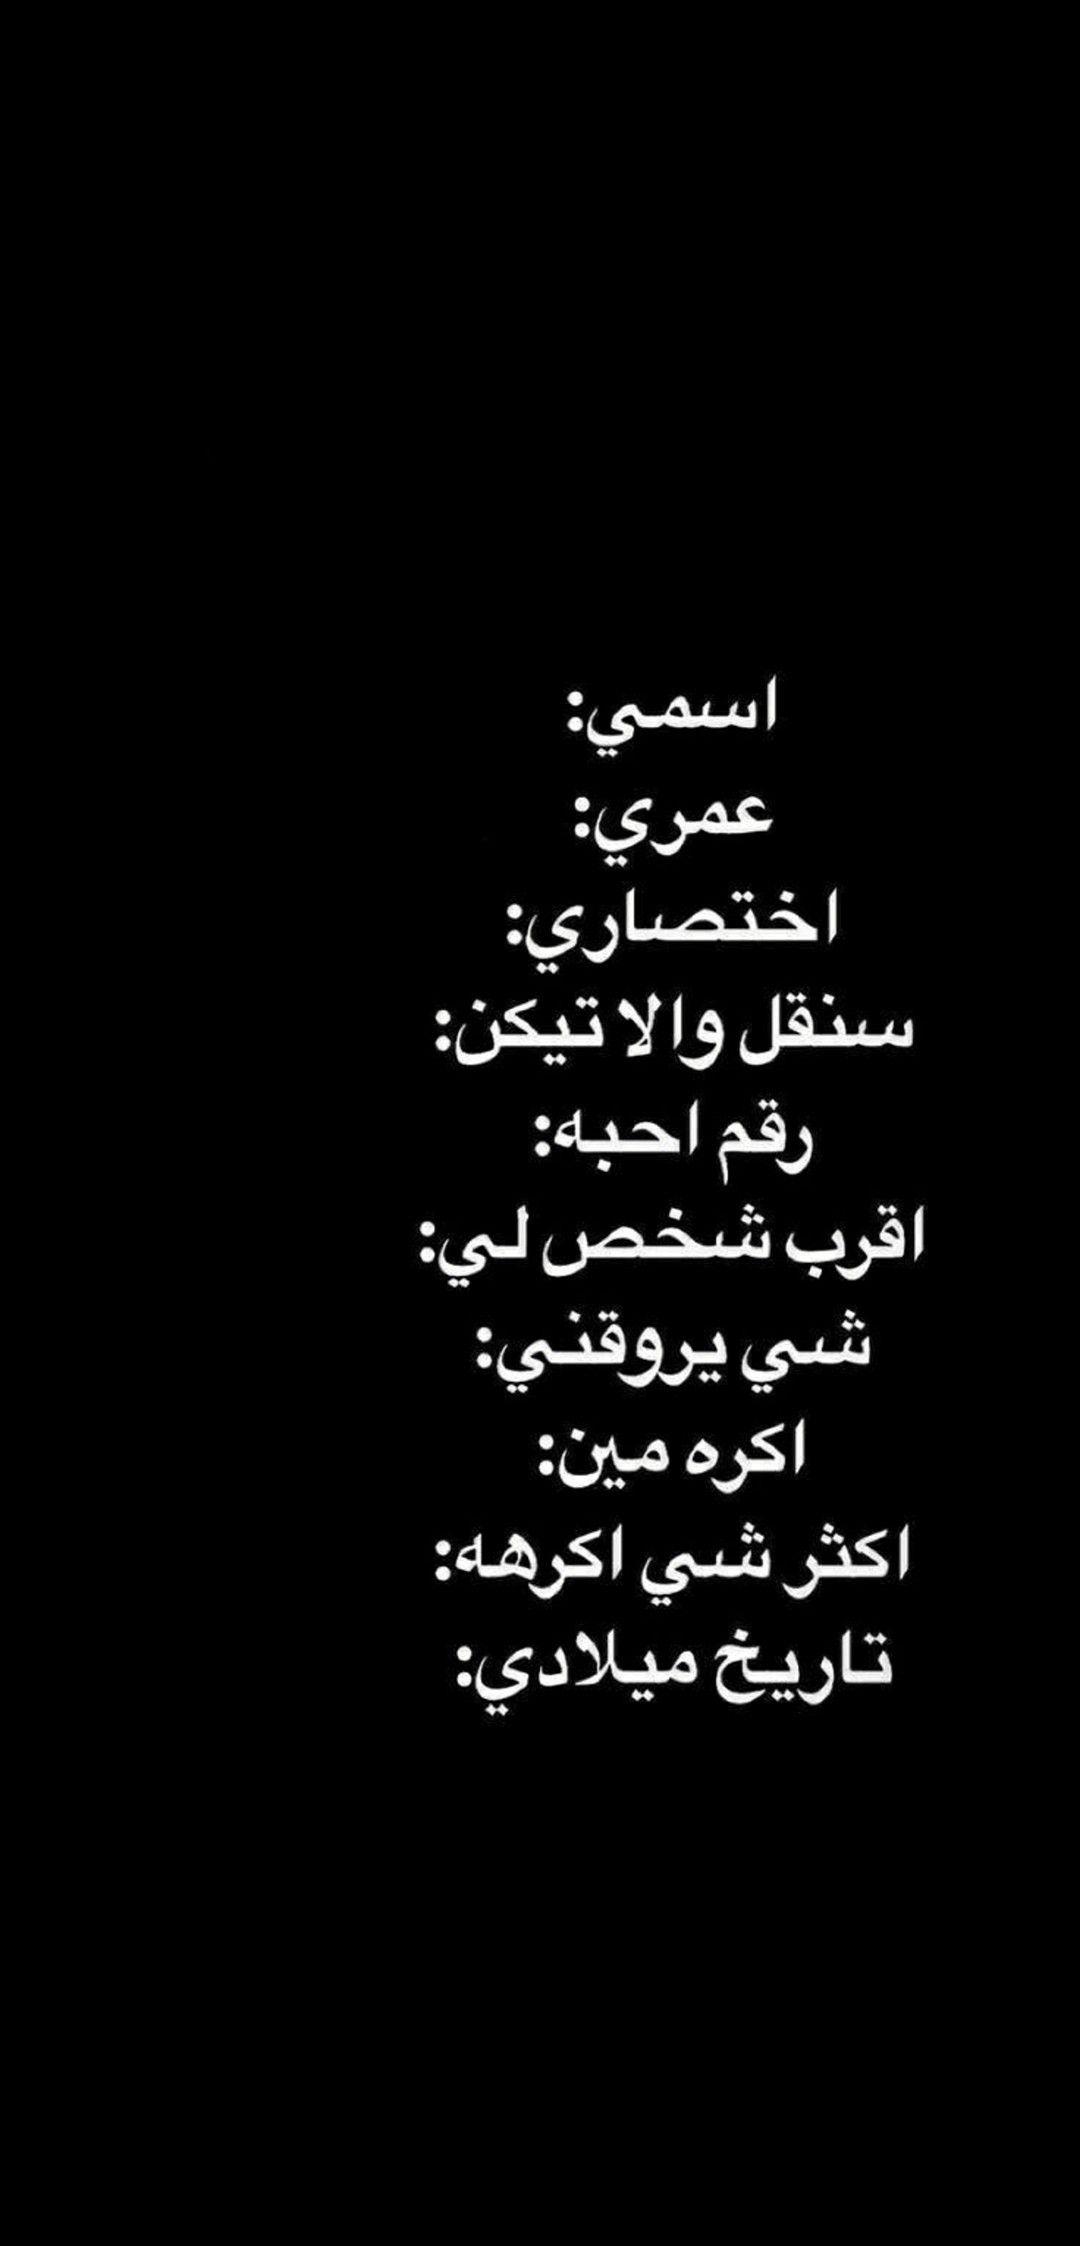 يلا حاولو تجاوبو عني حتى لو ما تعرفوني In 2021 Arabic Calligraphy Calligraphy